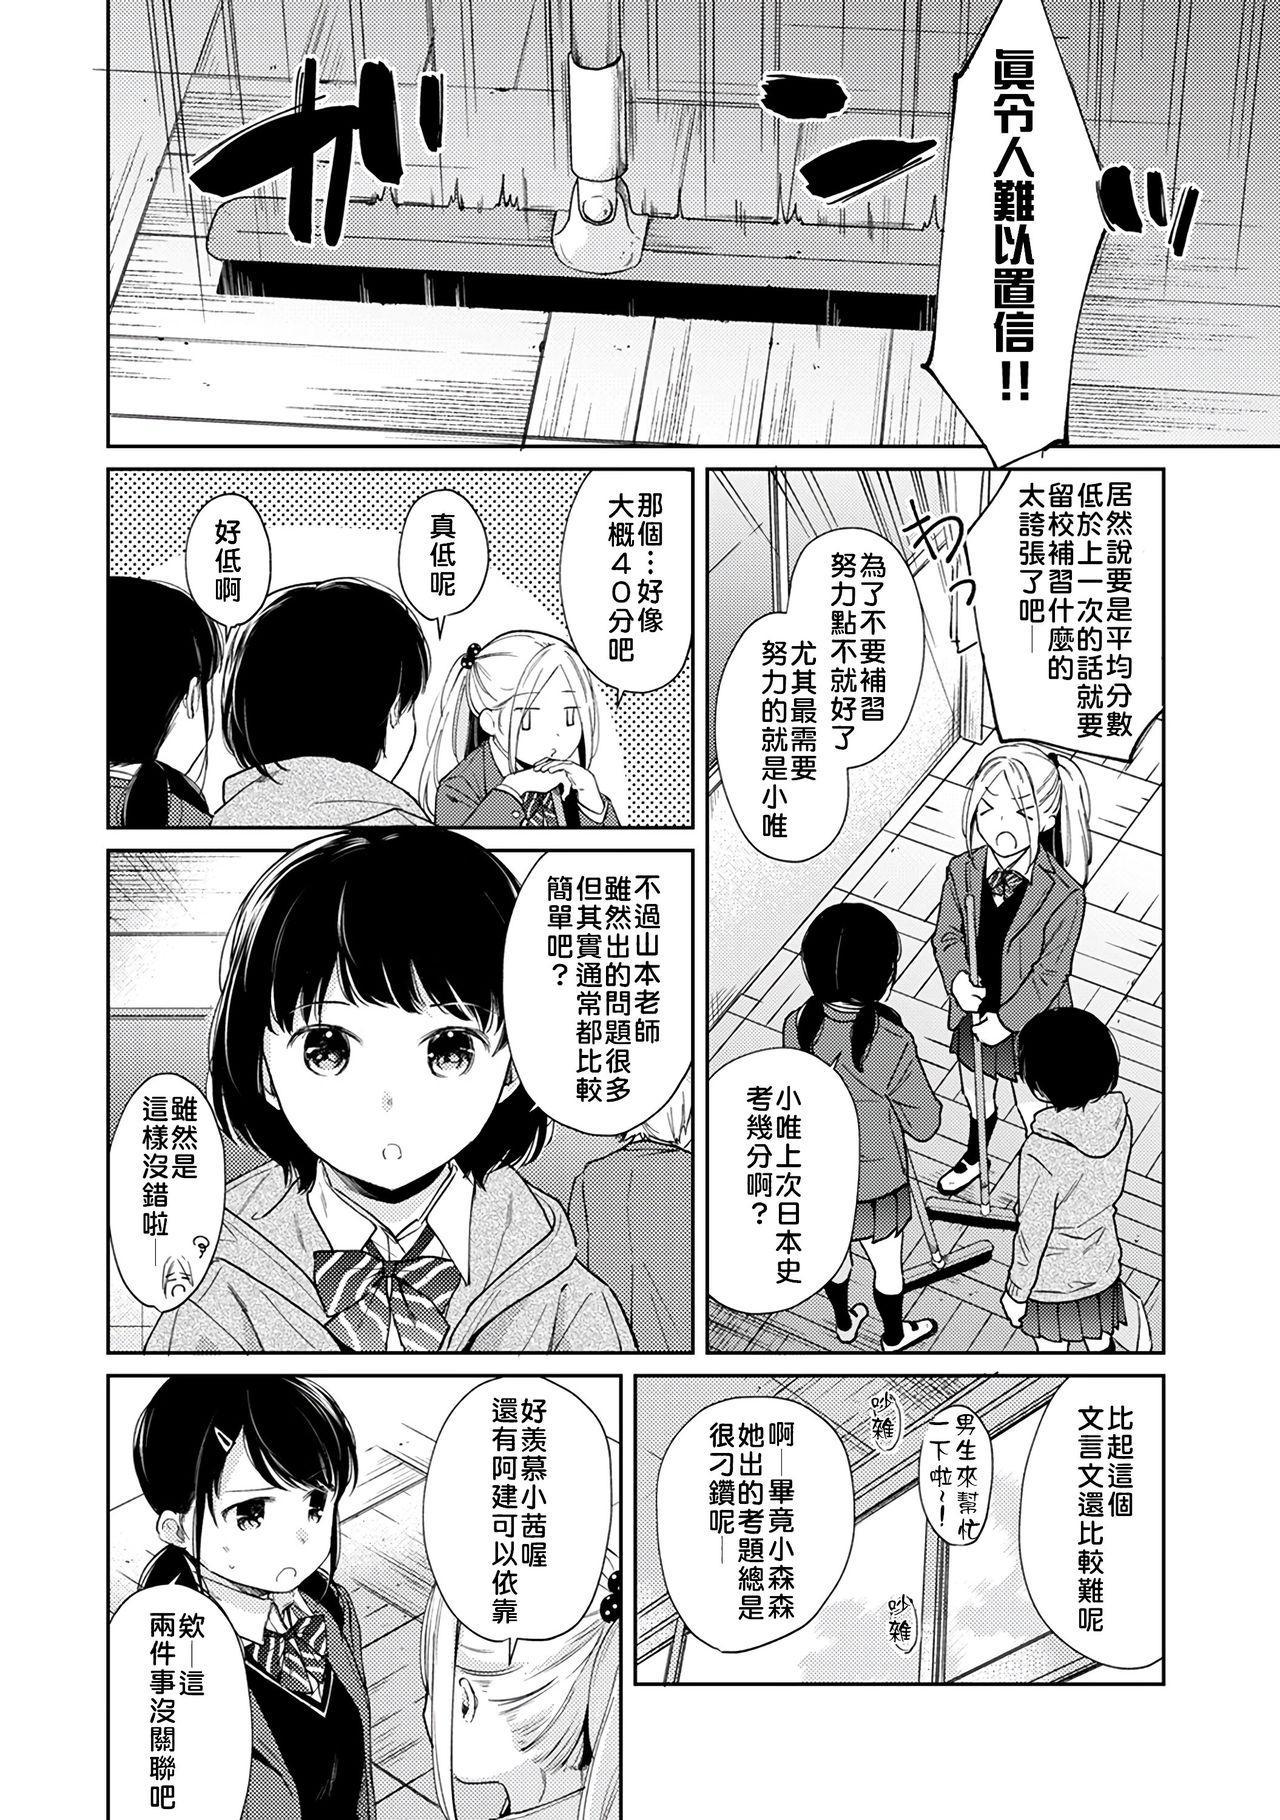 1LDK+JK Ikinari Doukyo? Micchaku!? Hatsu Ecchi!!?   1LDK+JK 突然間展開同居? 極度貼近!?初體驗!? Ch. 18-22 118